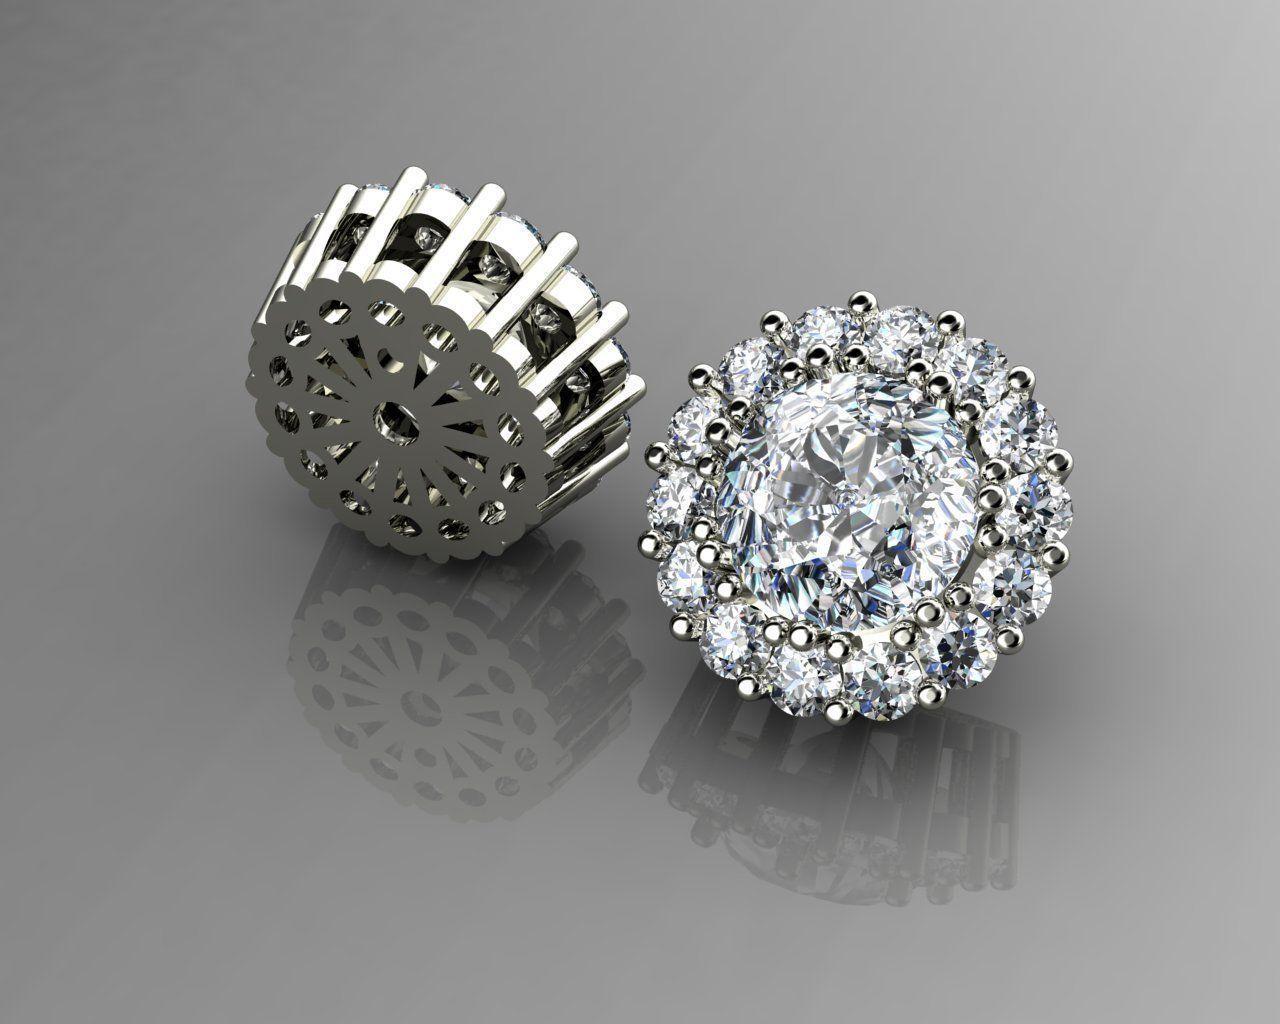 Diamond Earrings Puset 3D Model 3D Printable 3DM